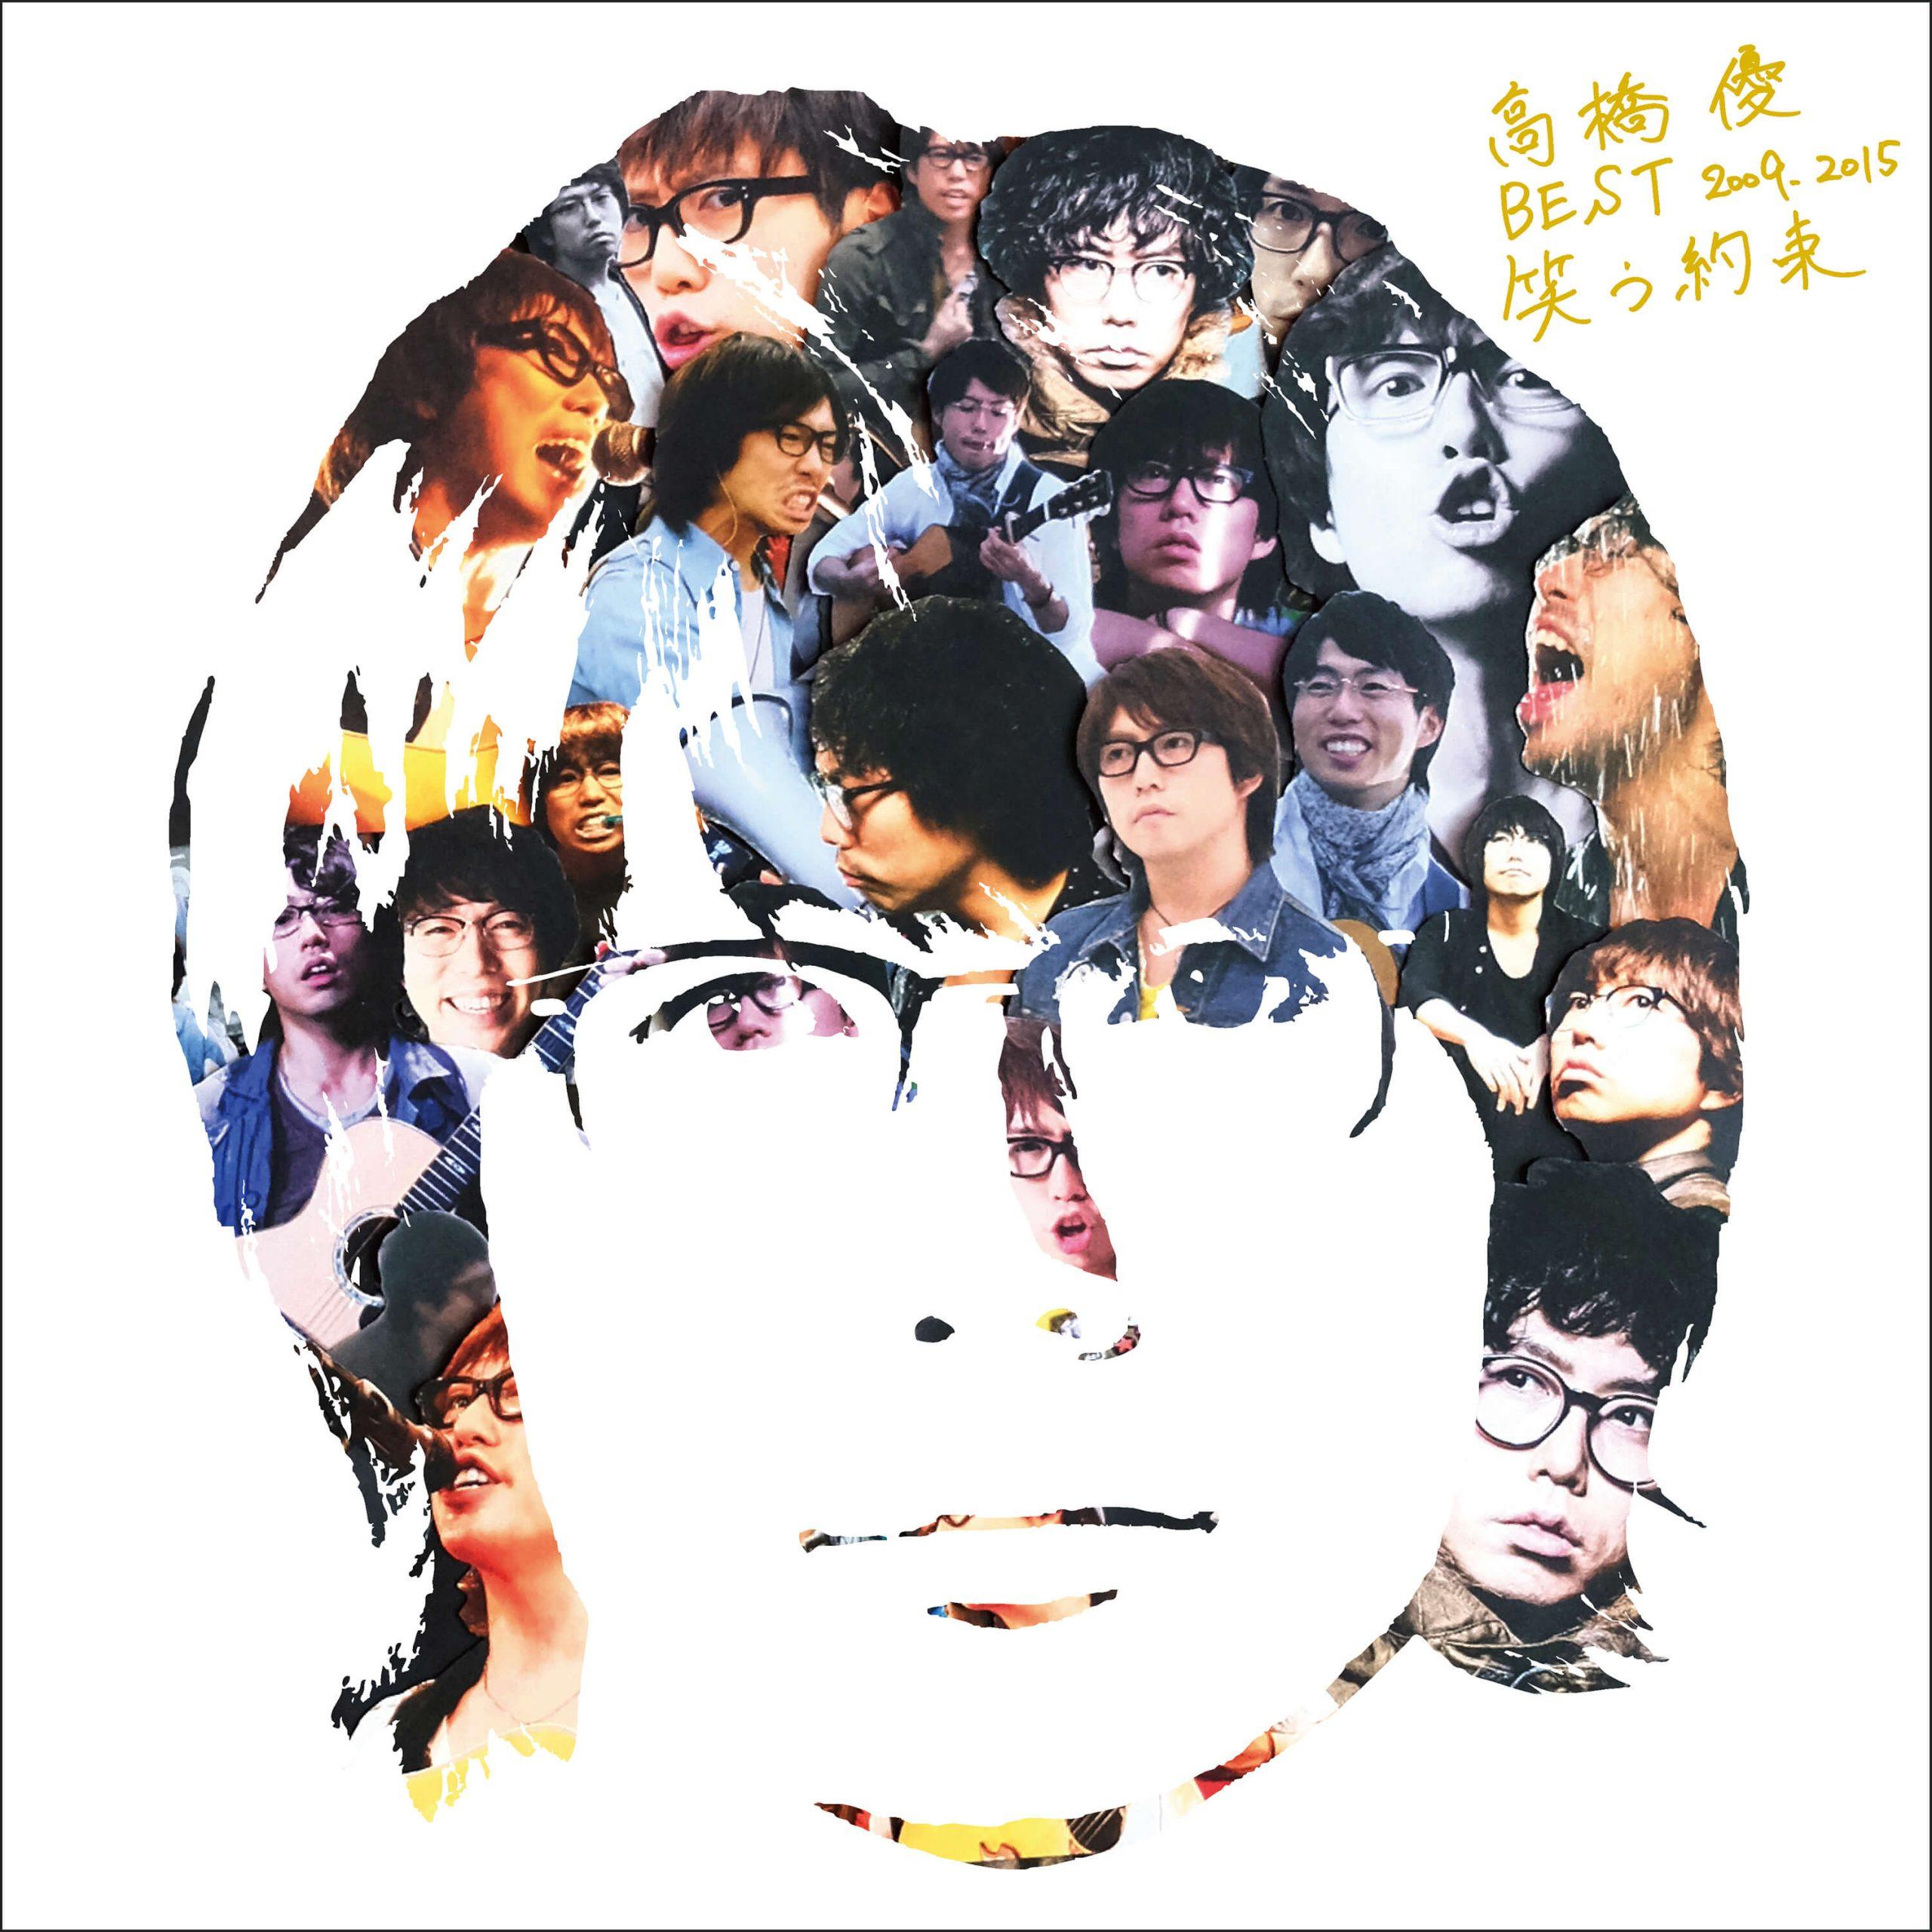 高橋優BEST 2009-2015『笑う約束』